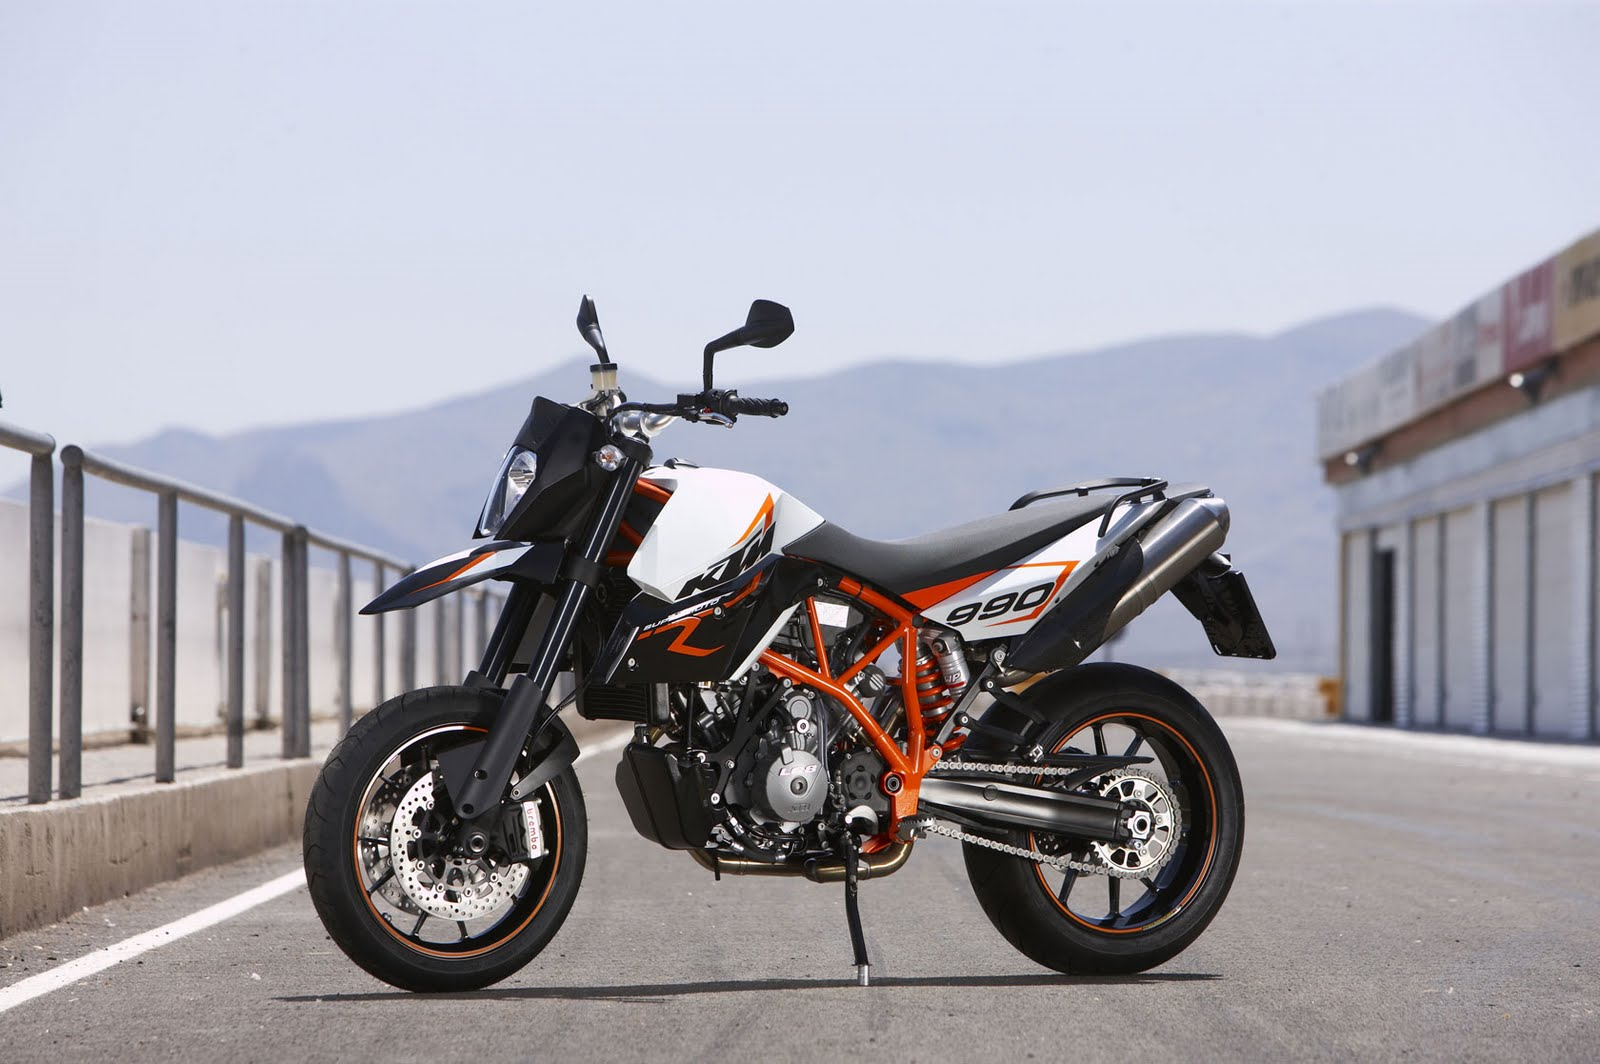 Top Motorcycle: 2009 KTM 990 Supermoto R